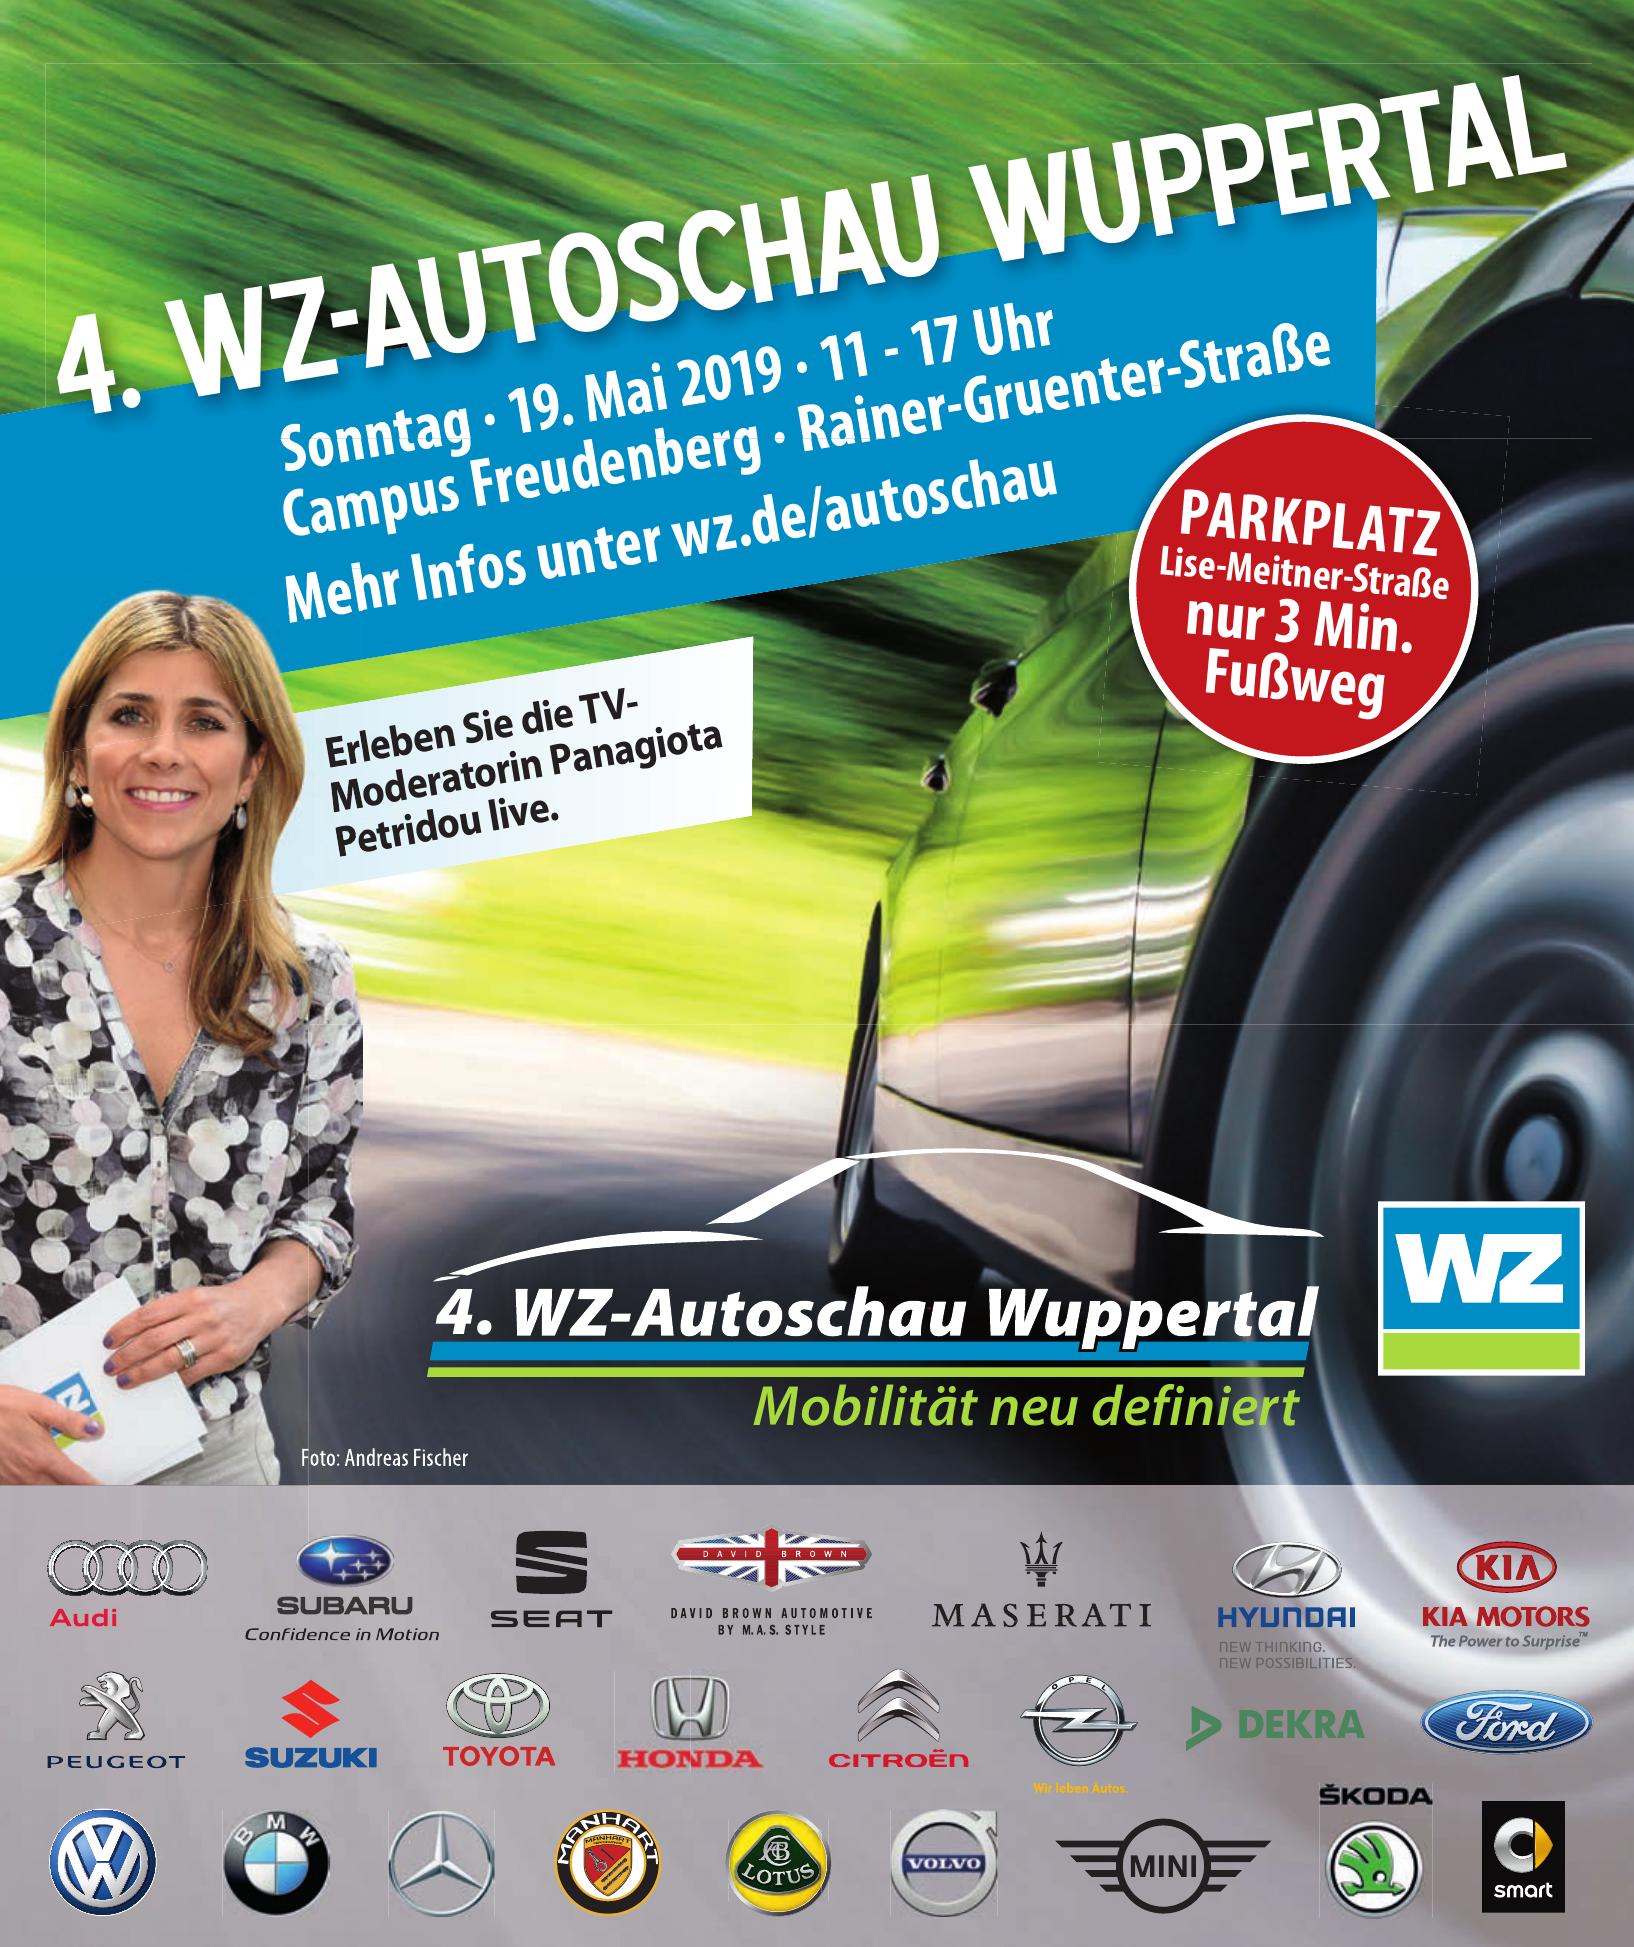 4. WZ-Autoschau Wuppertal